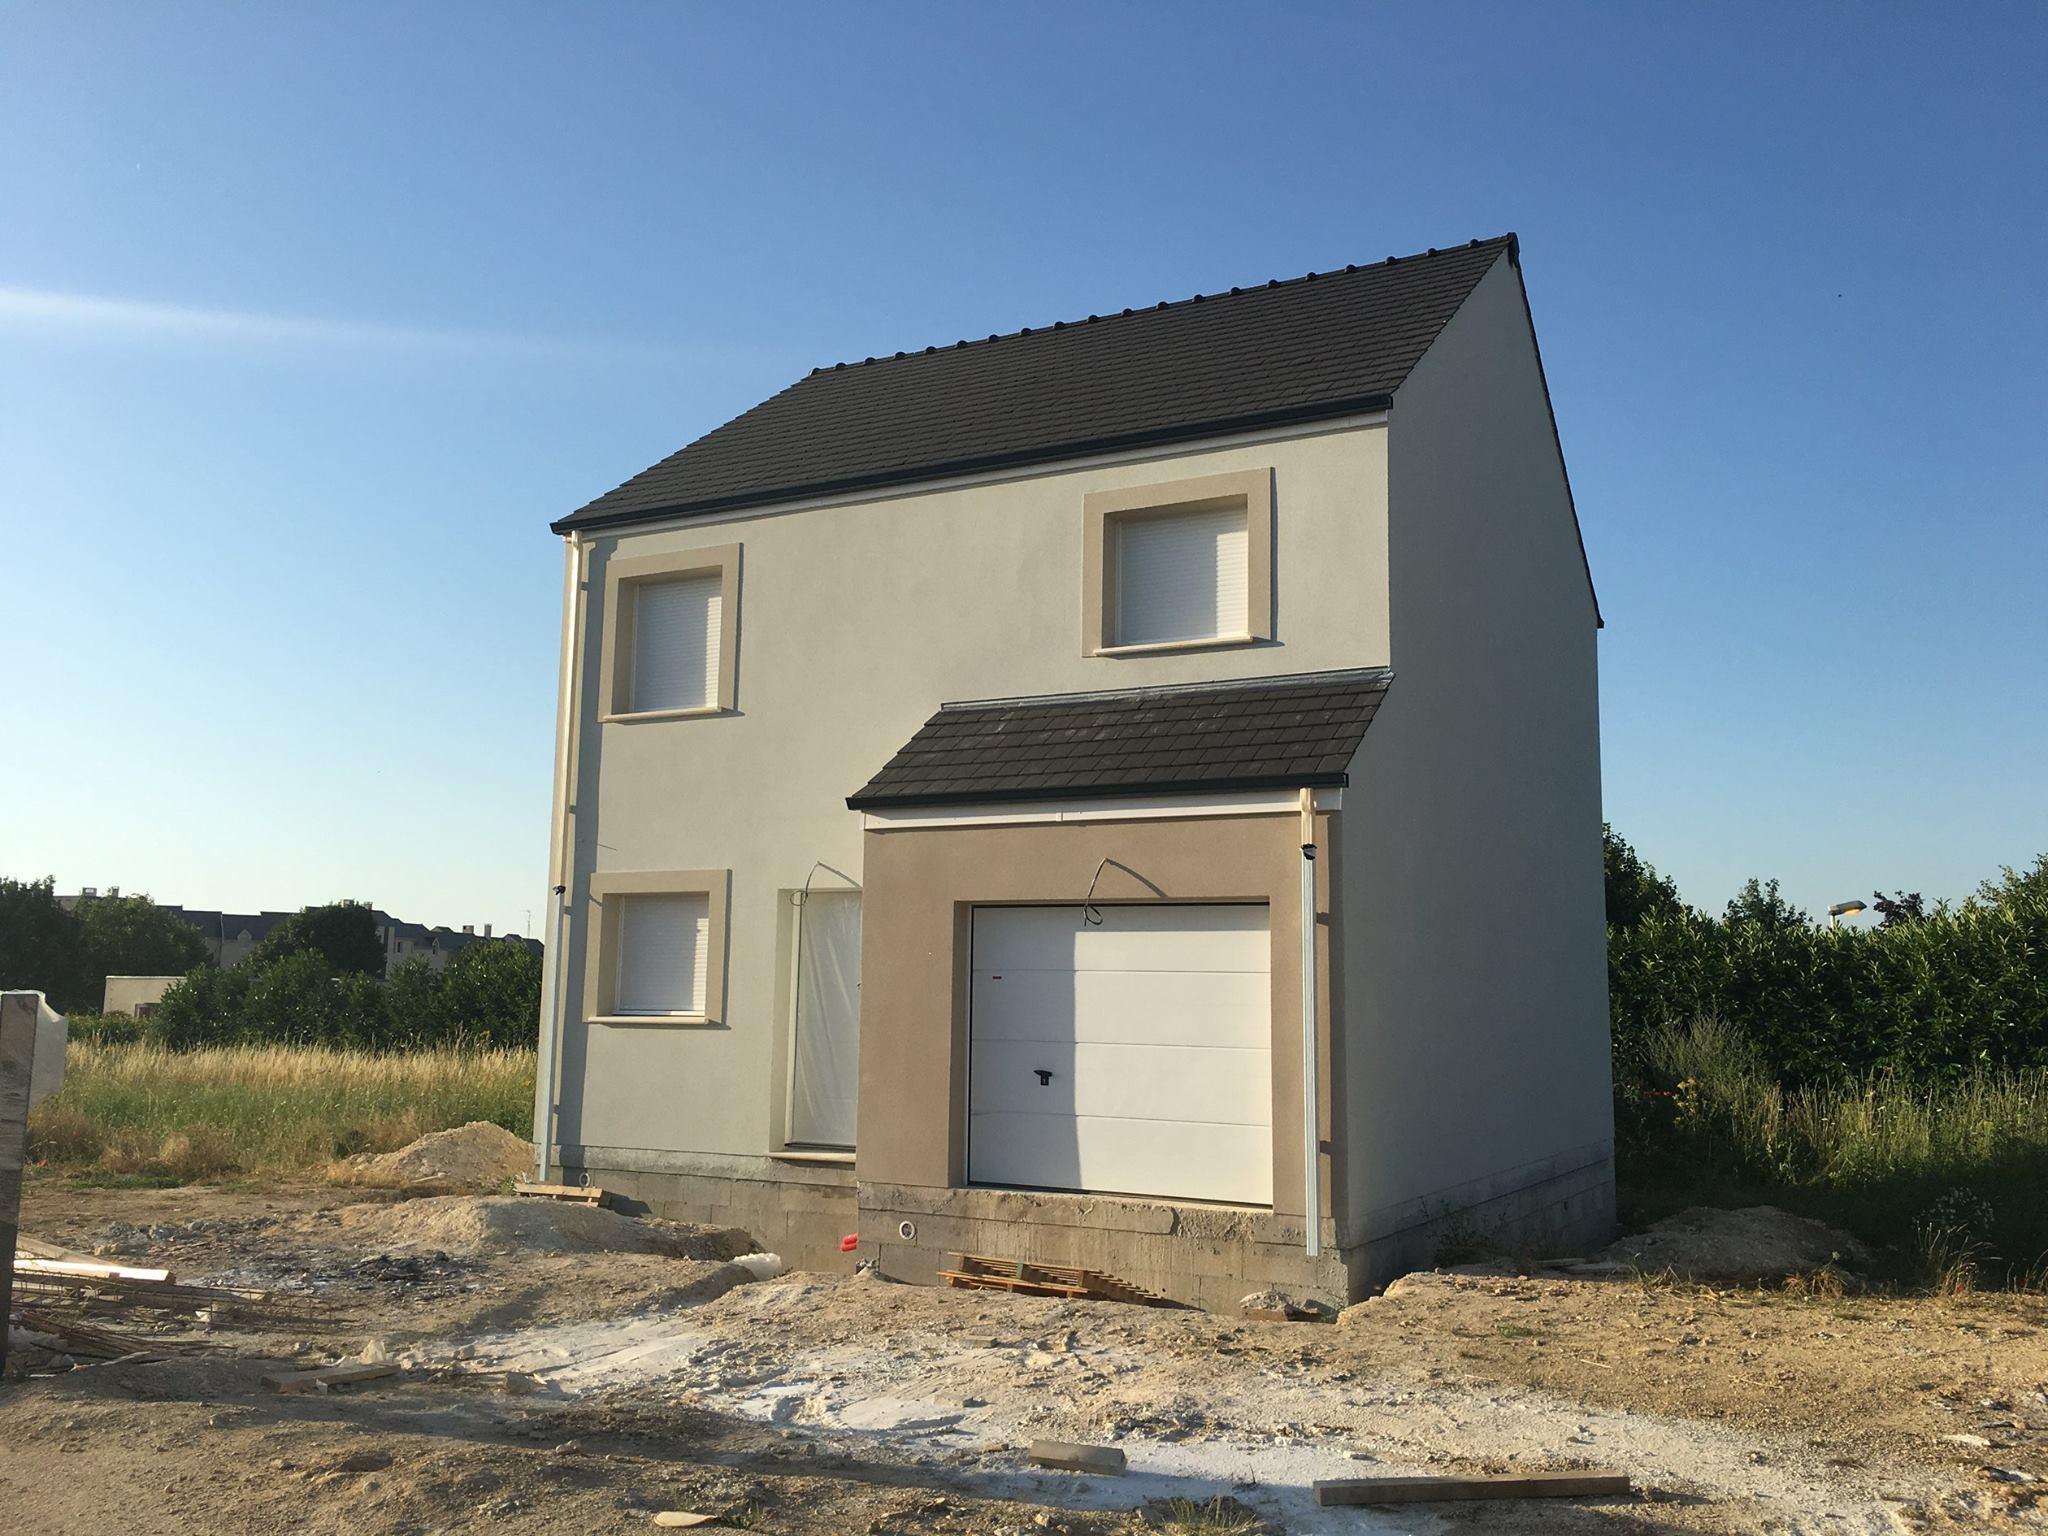 Maison + terrain à CLICHY-SOUS-BOIS 93390 dans la SEINE SAINT DENIS